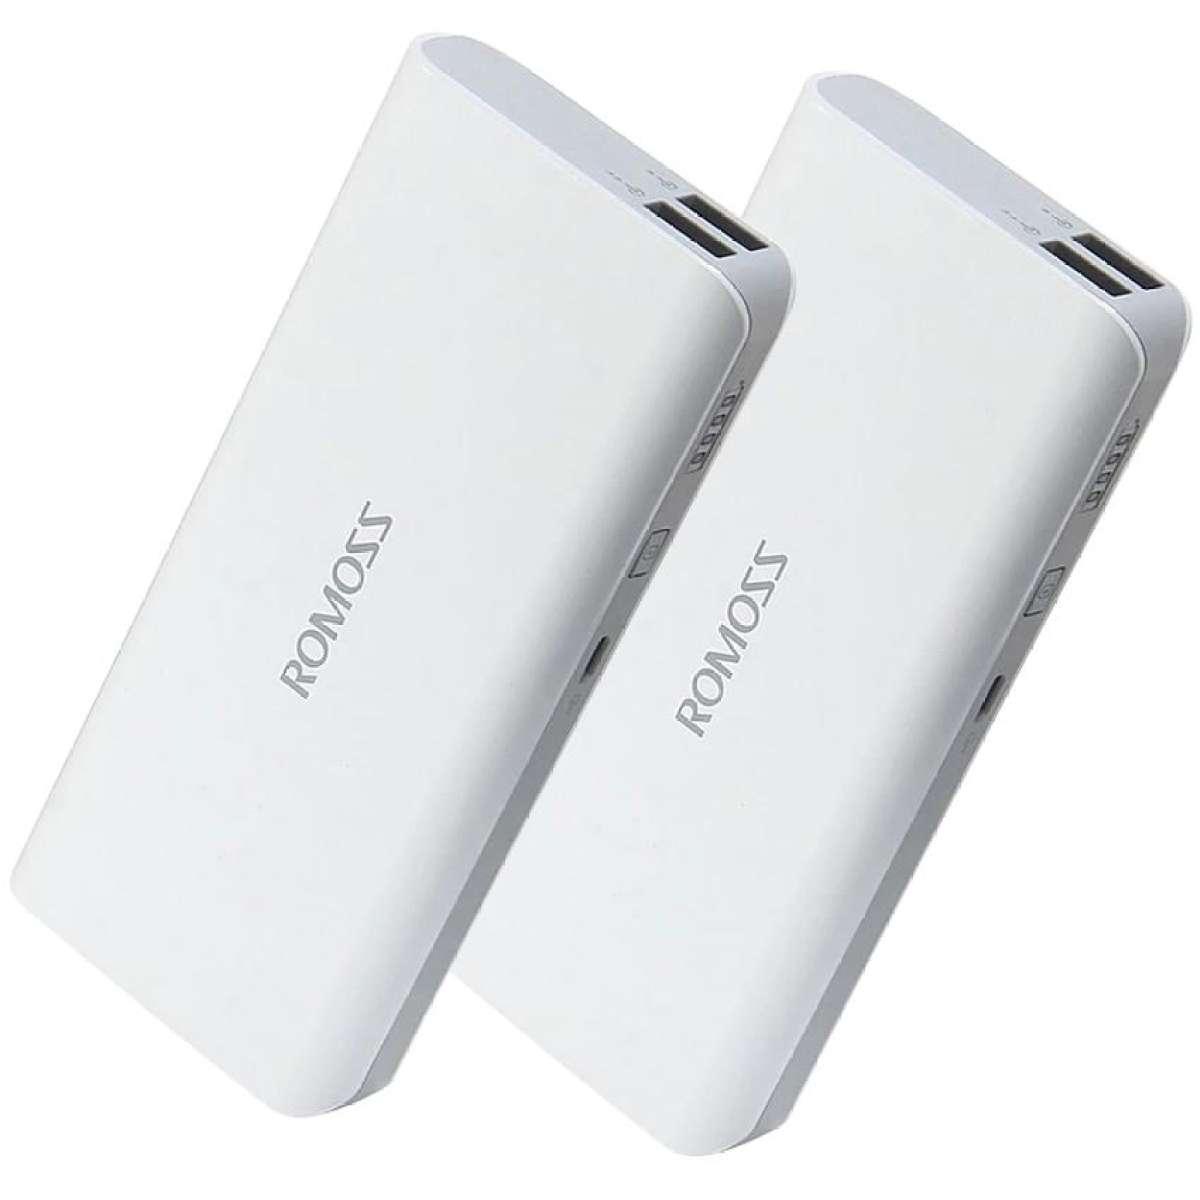 buy 1 take 1 romoss power bank Sense 4 ph50 10400MAH sense4 10400 mah powerbank (